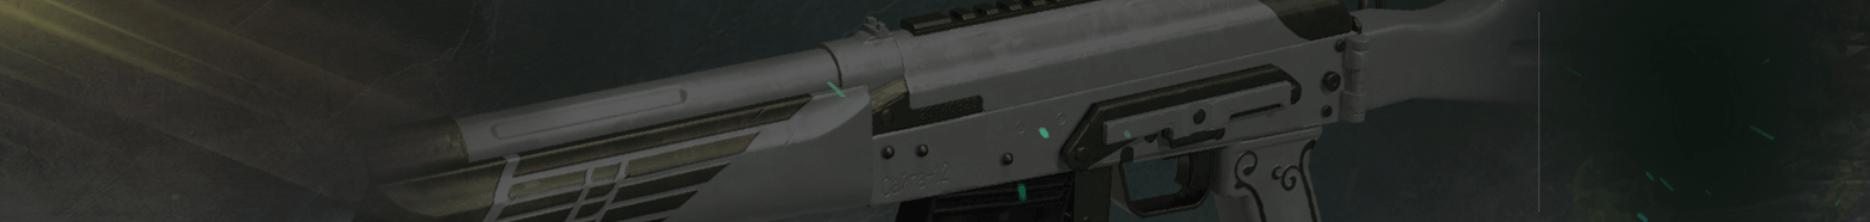 Все вызов миссии боевого пропуска Survivor Pass 4: Aftermath в PUBG